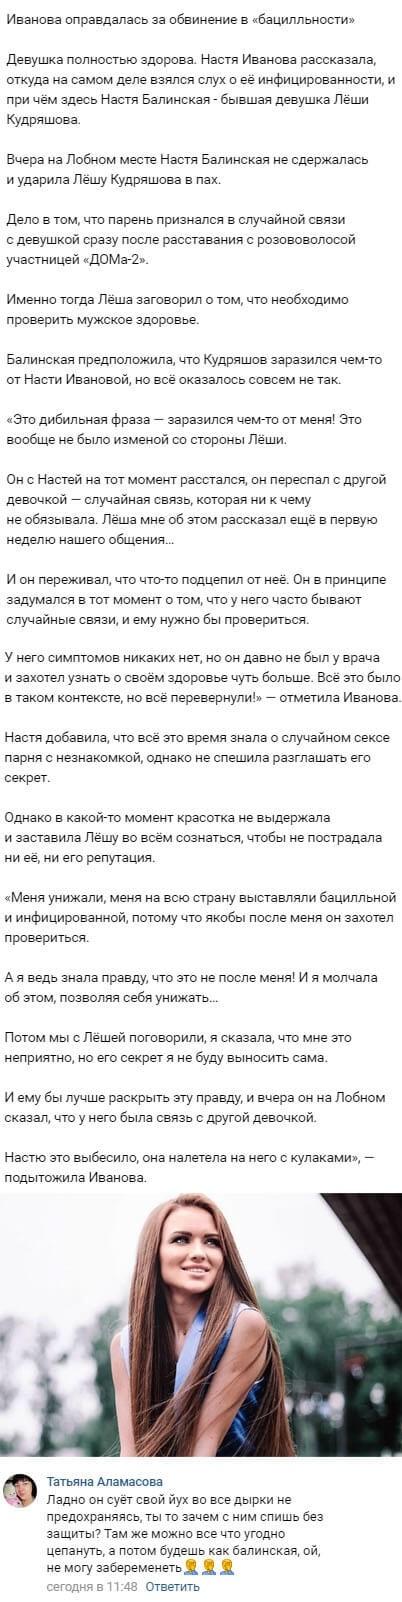 Анастасию Иванову считают разносчицей венерических заболеваний